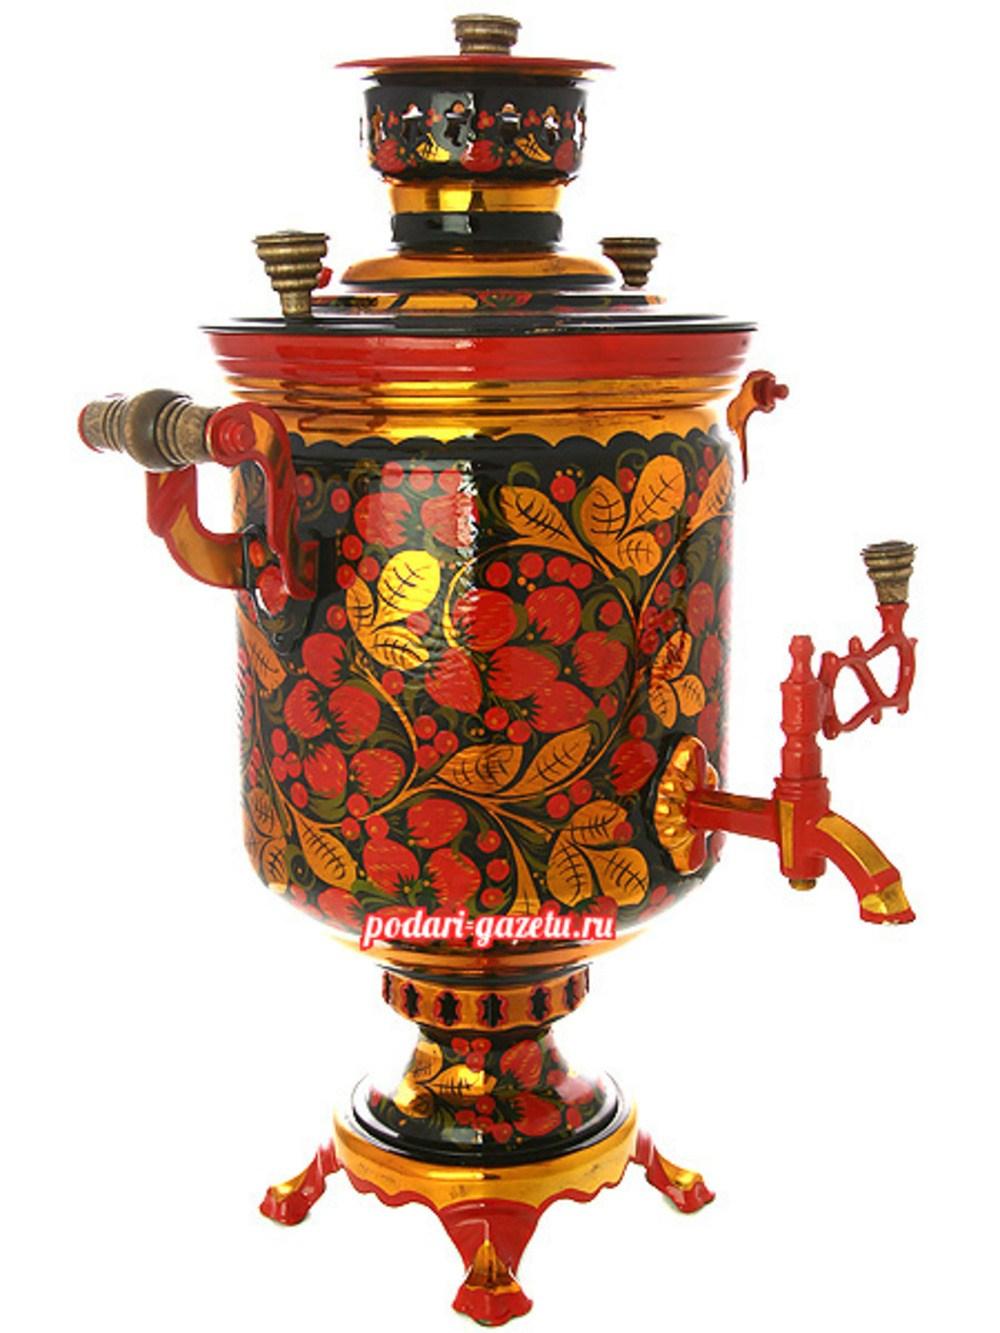 Угольный самовар (жаровый, дровяной) на 5 литров, цилиндр с художественной росписью Хохлома рыжая